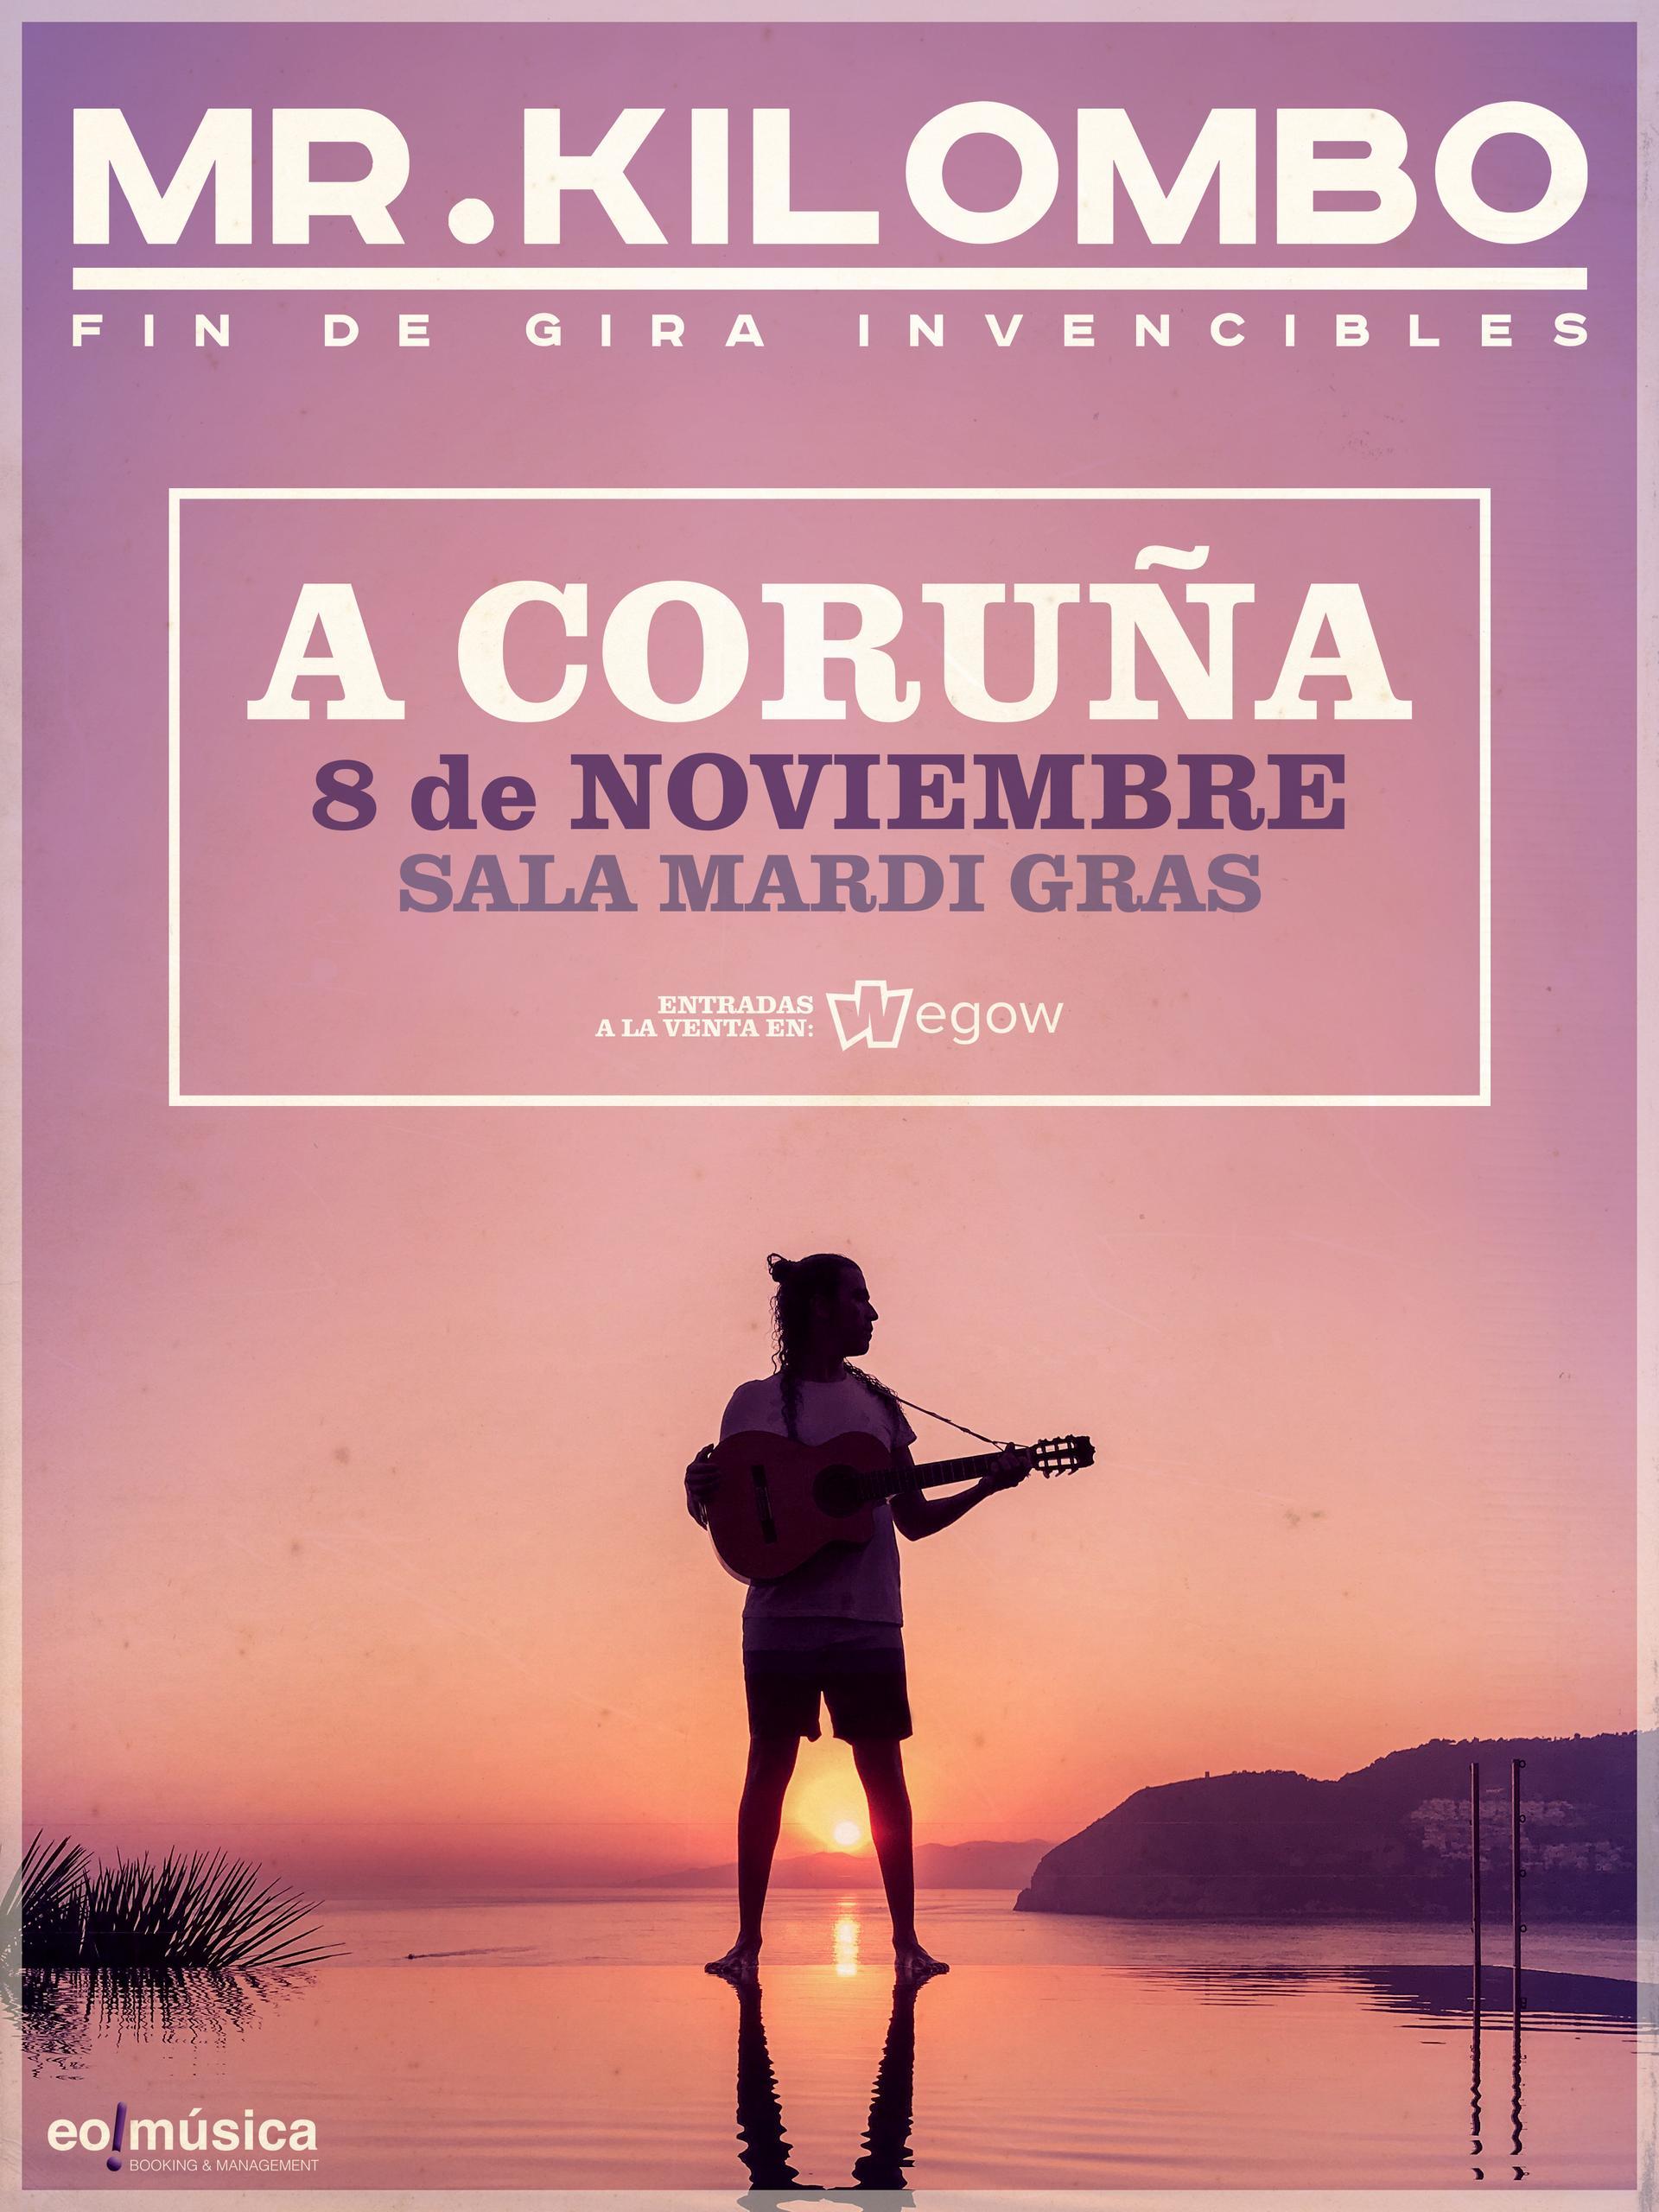 Concierto de Mr. Kilombo en A Coruña